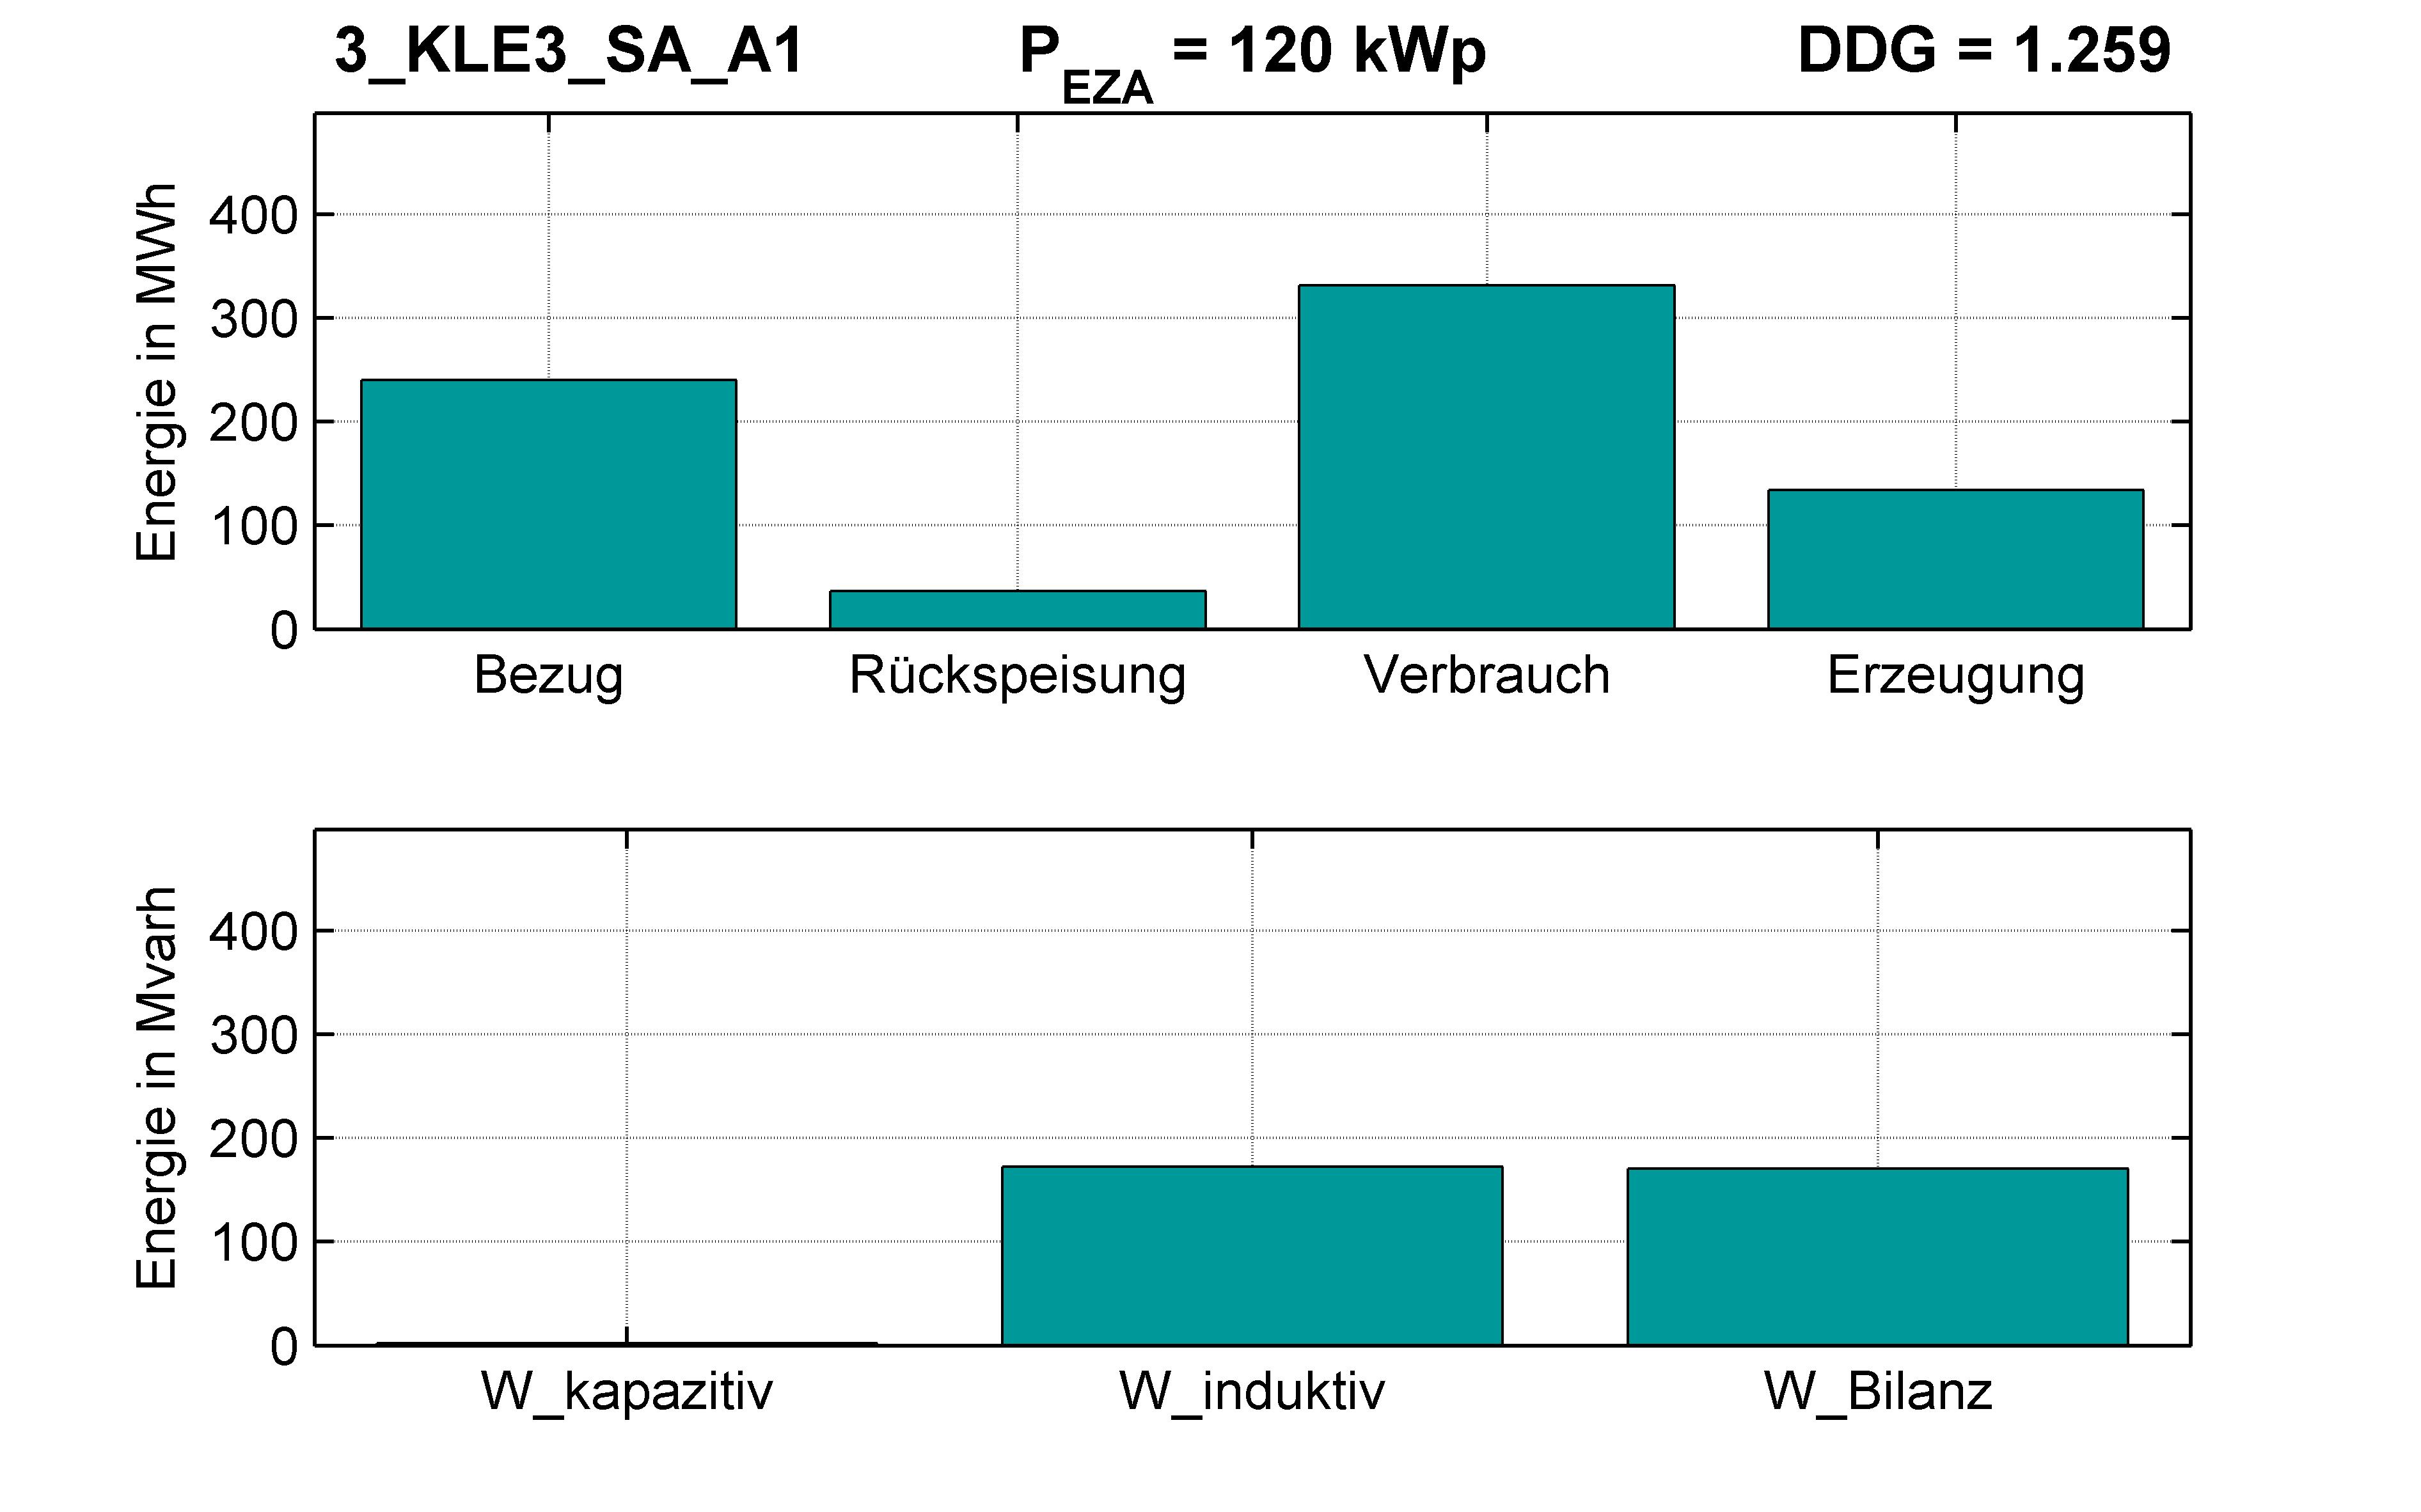 KLE3 | P-Kappung 70% (SA) A1 | PQ-Bilanz